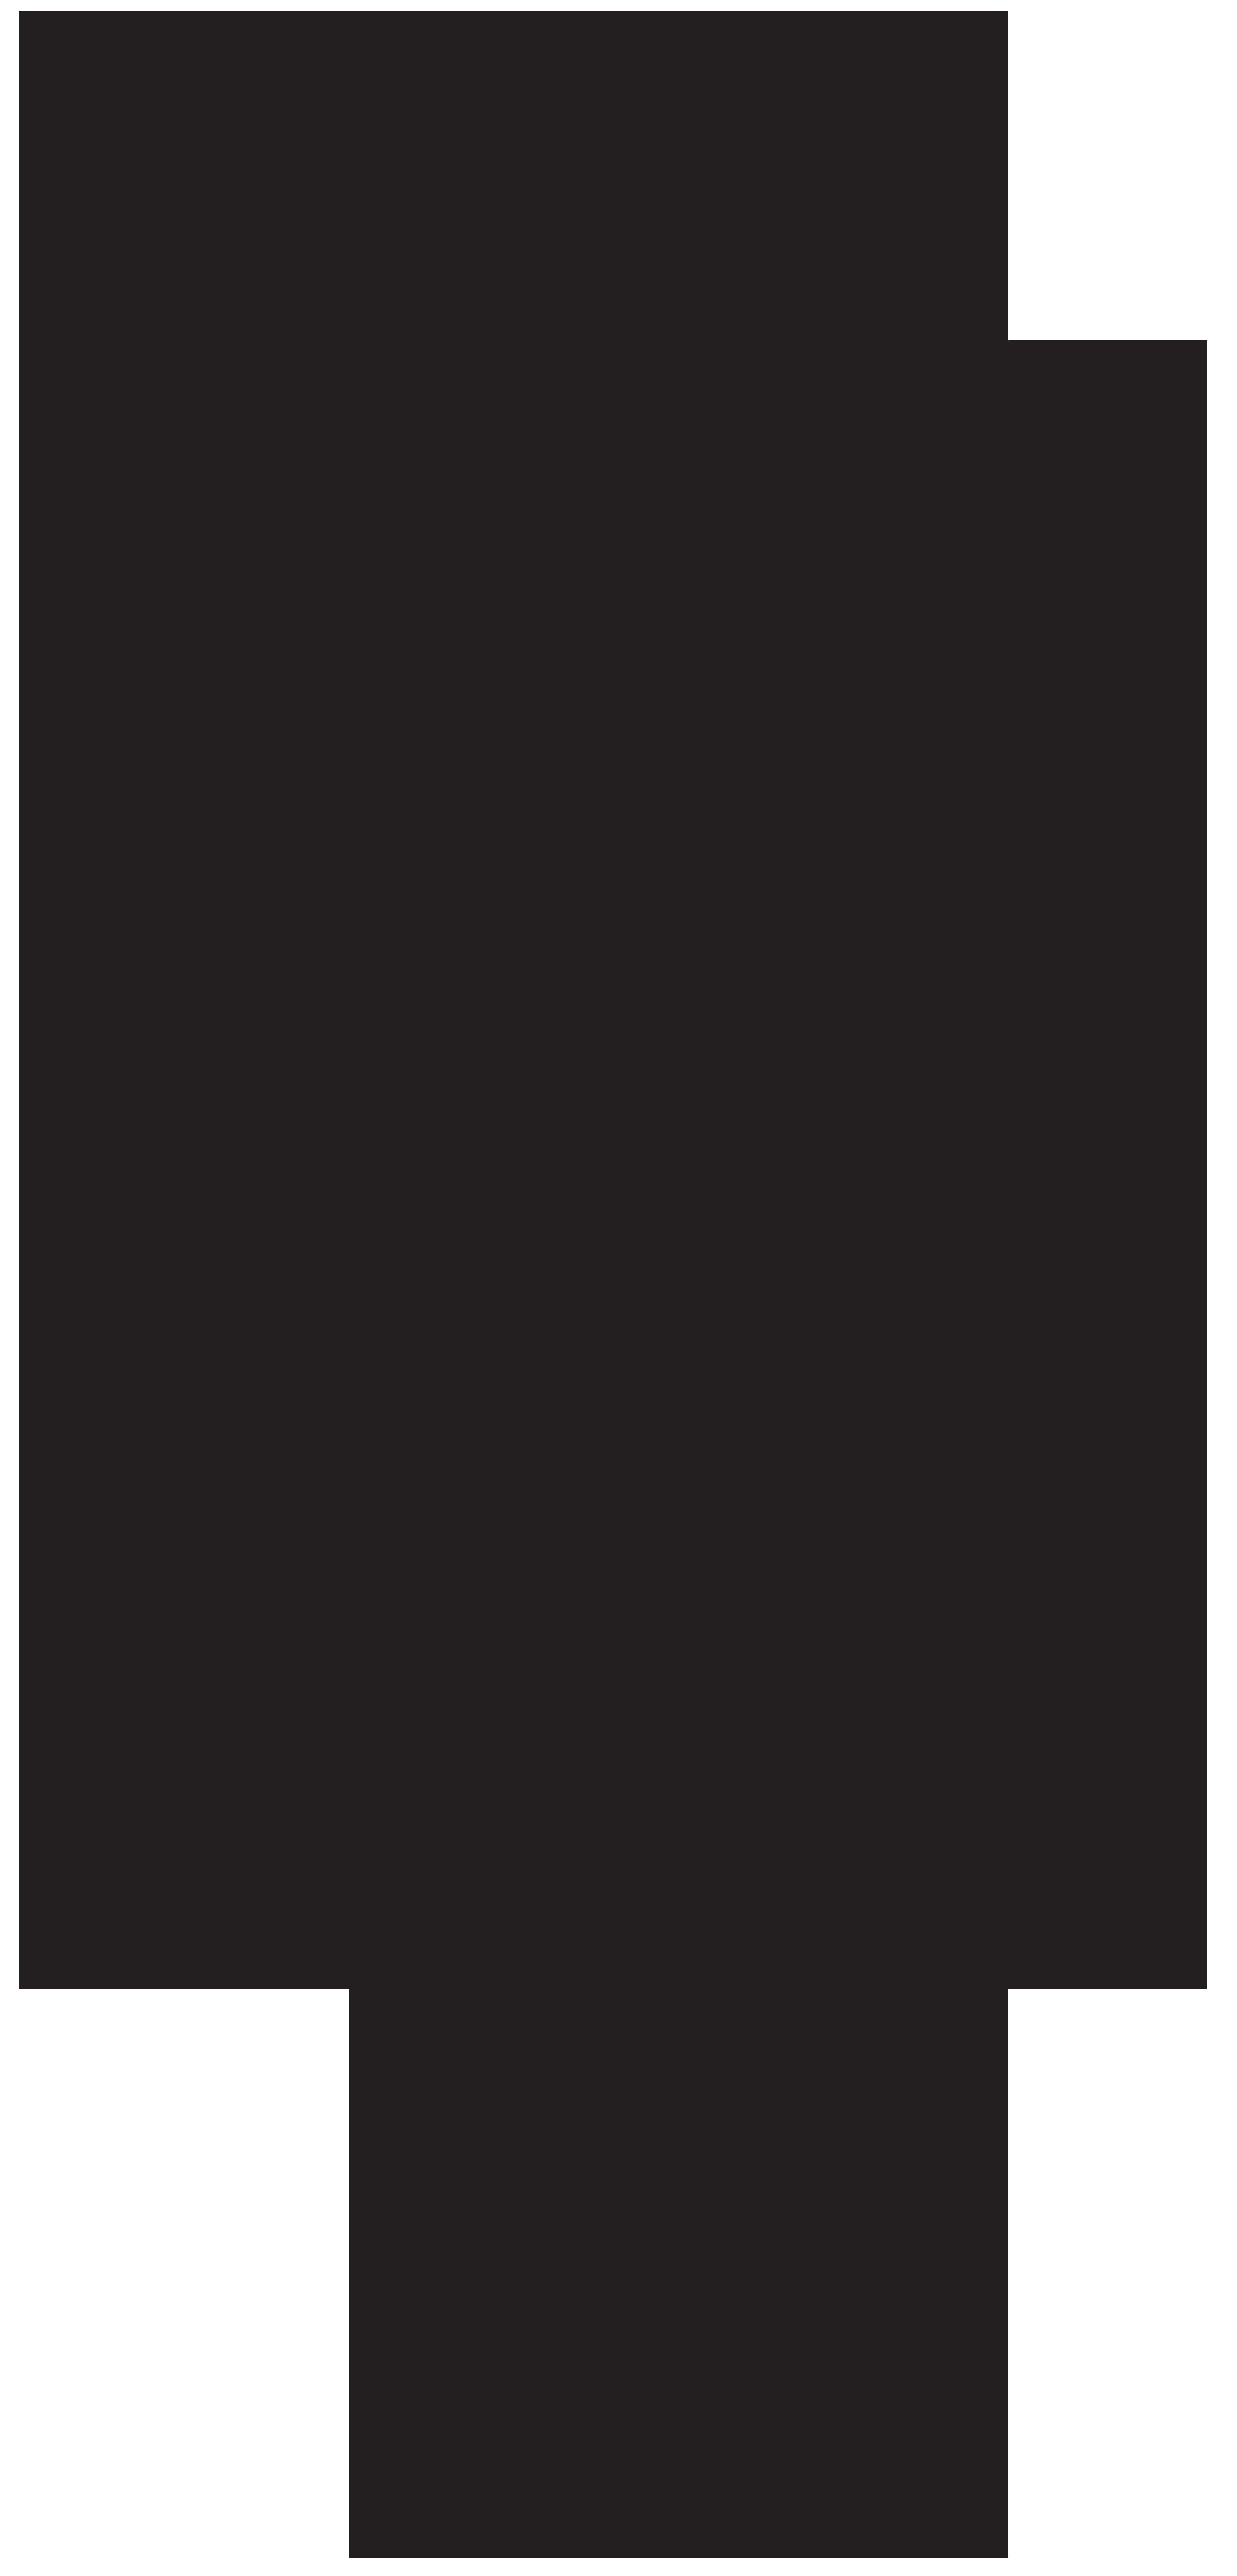 Cowboy Silhouette PNG Clip Art Image.